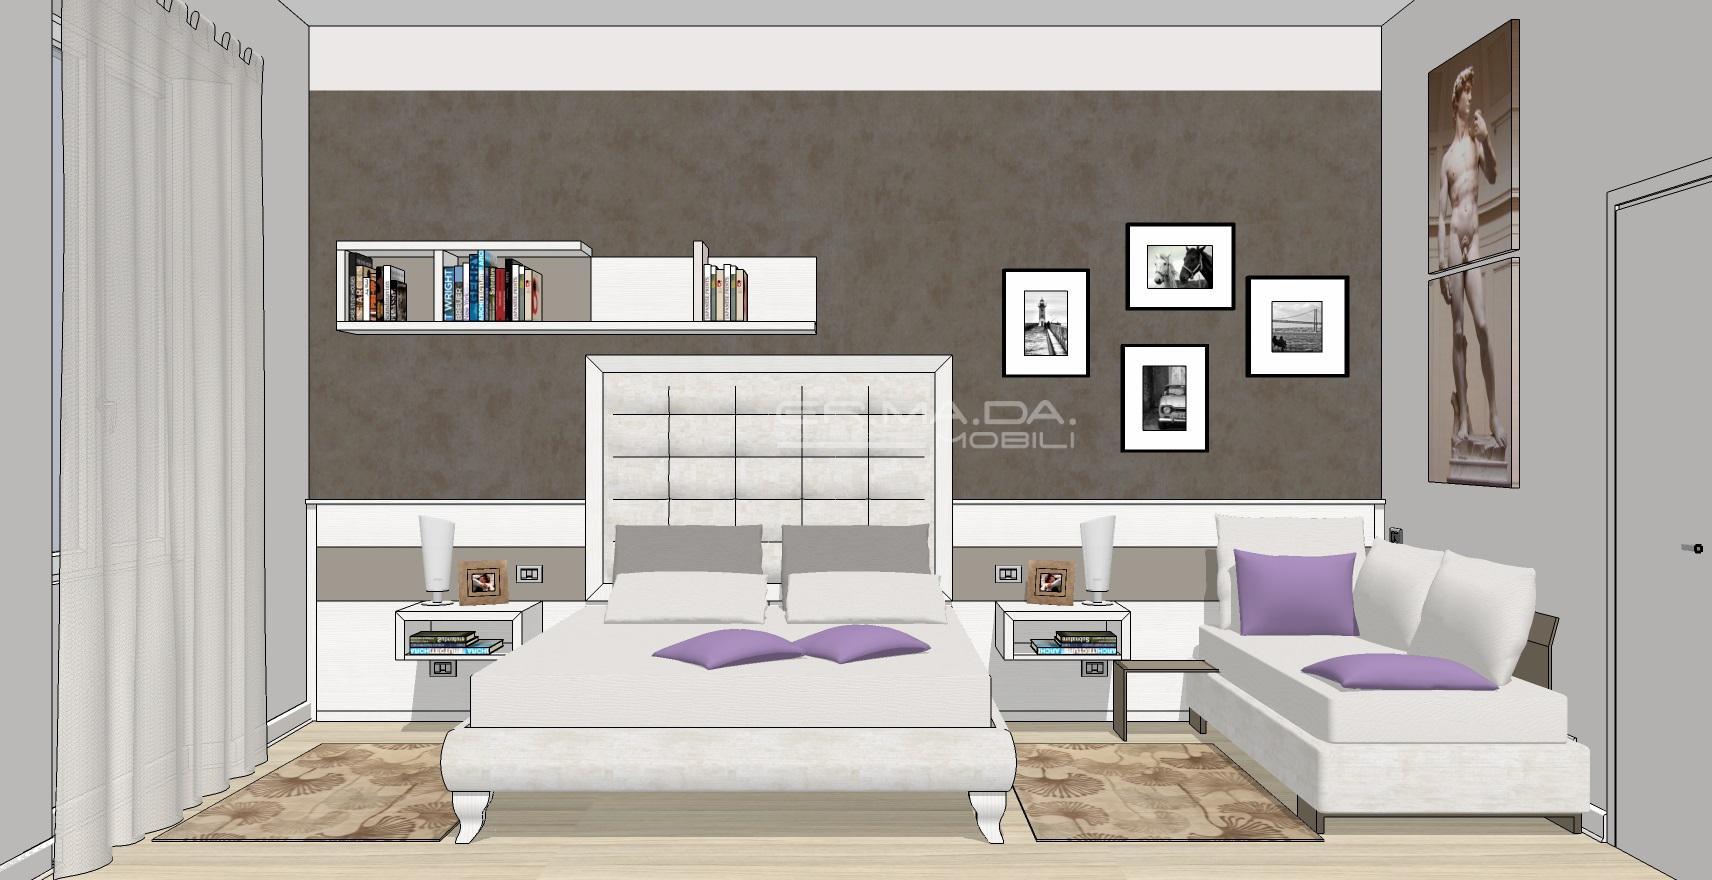 Camera matrimoniale 8 er ma da mobilificio progetta for Progetta i tuoi mobili